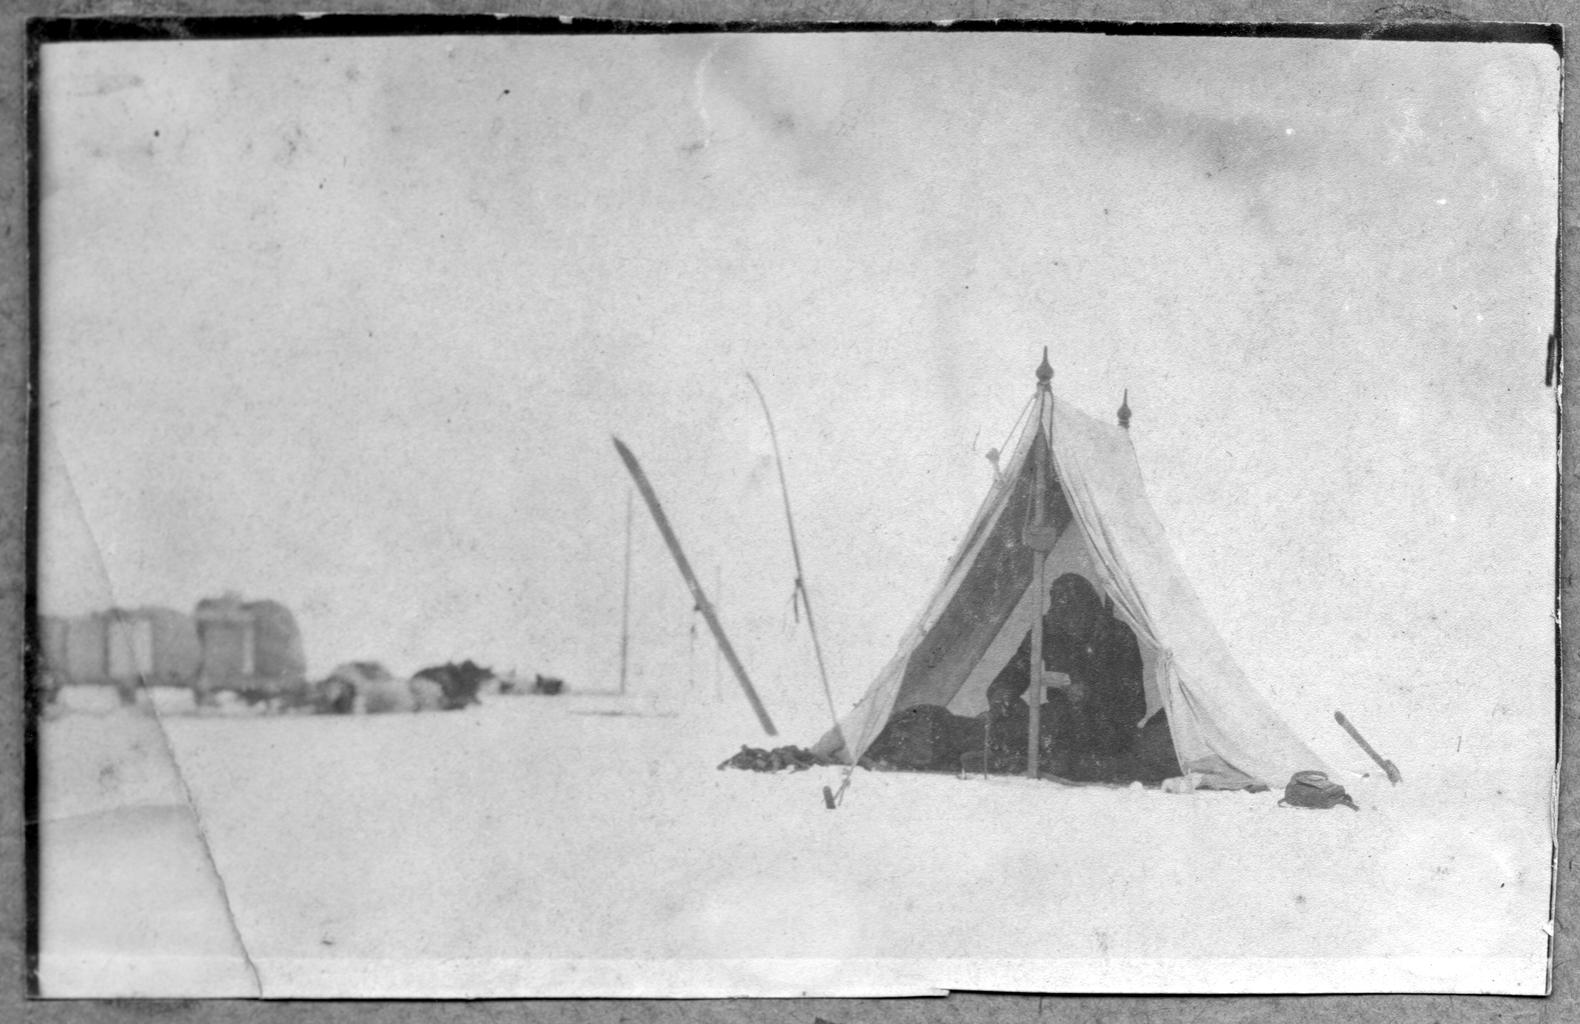 Палатка Павлова М. А. и матроса Линника на ледяном покрове